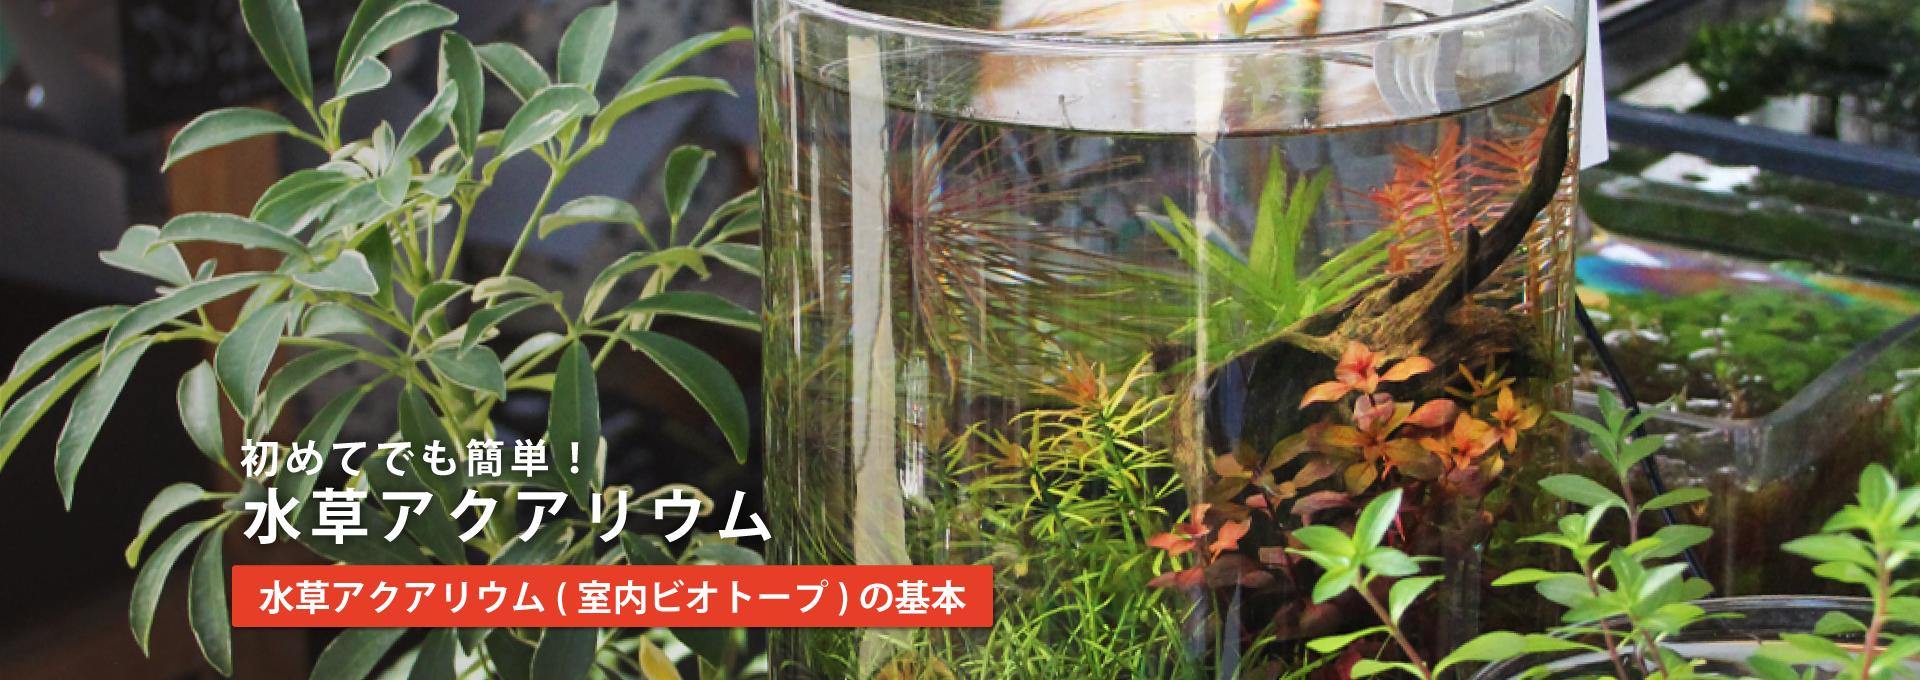 水草アクアリウム